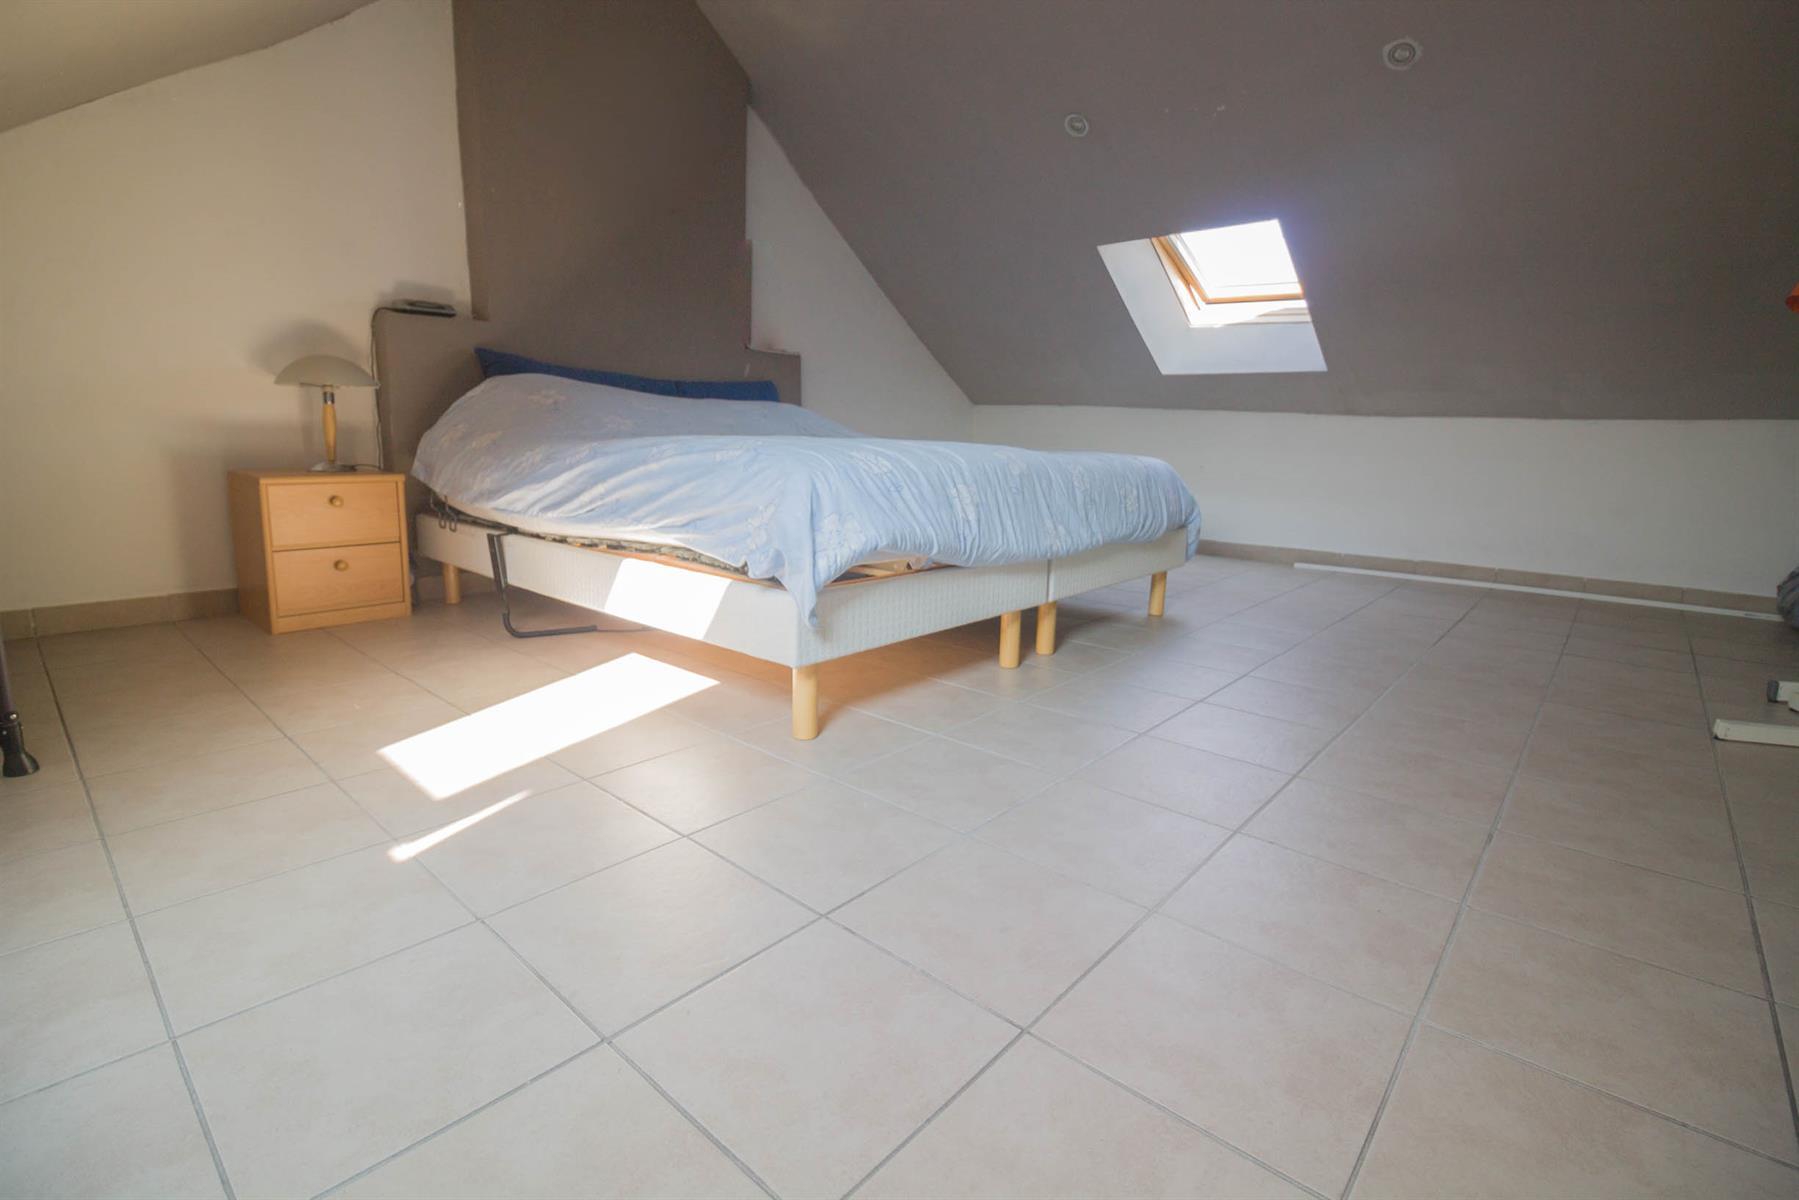 Appartement - Forchies-la-Marche - #4397249-28